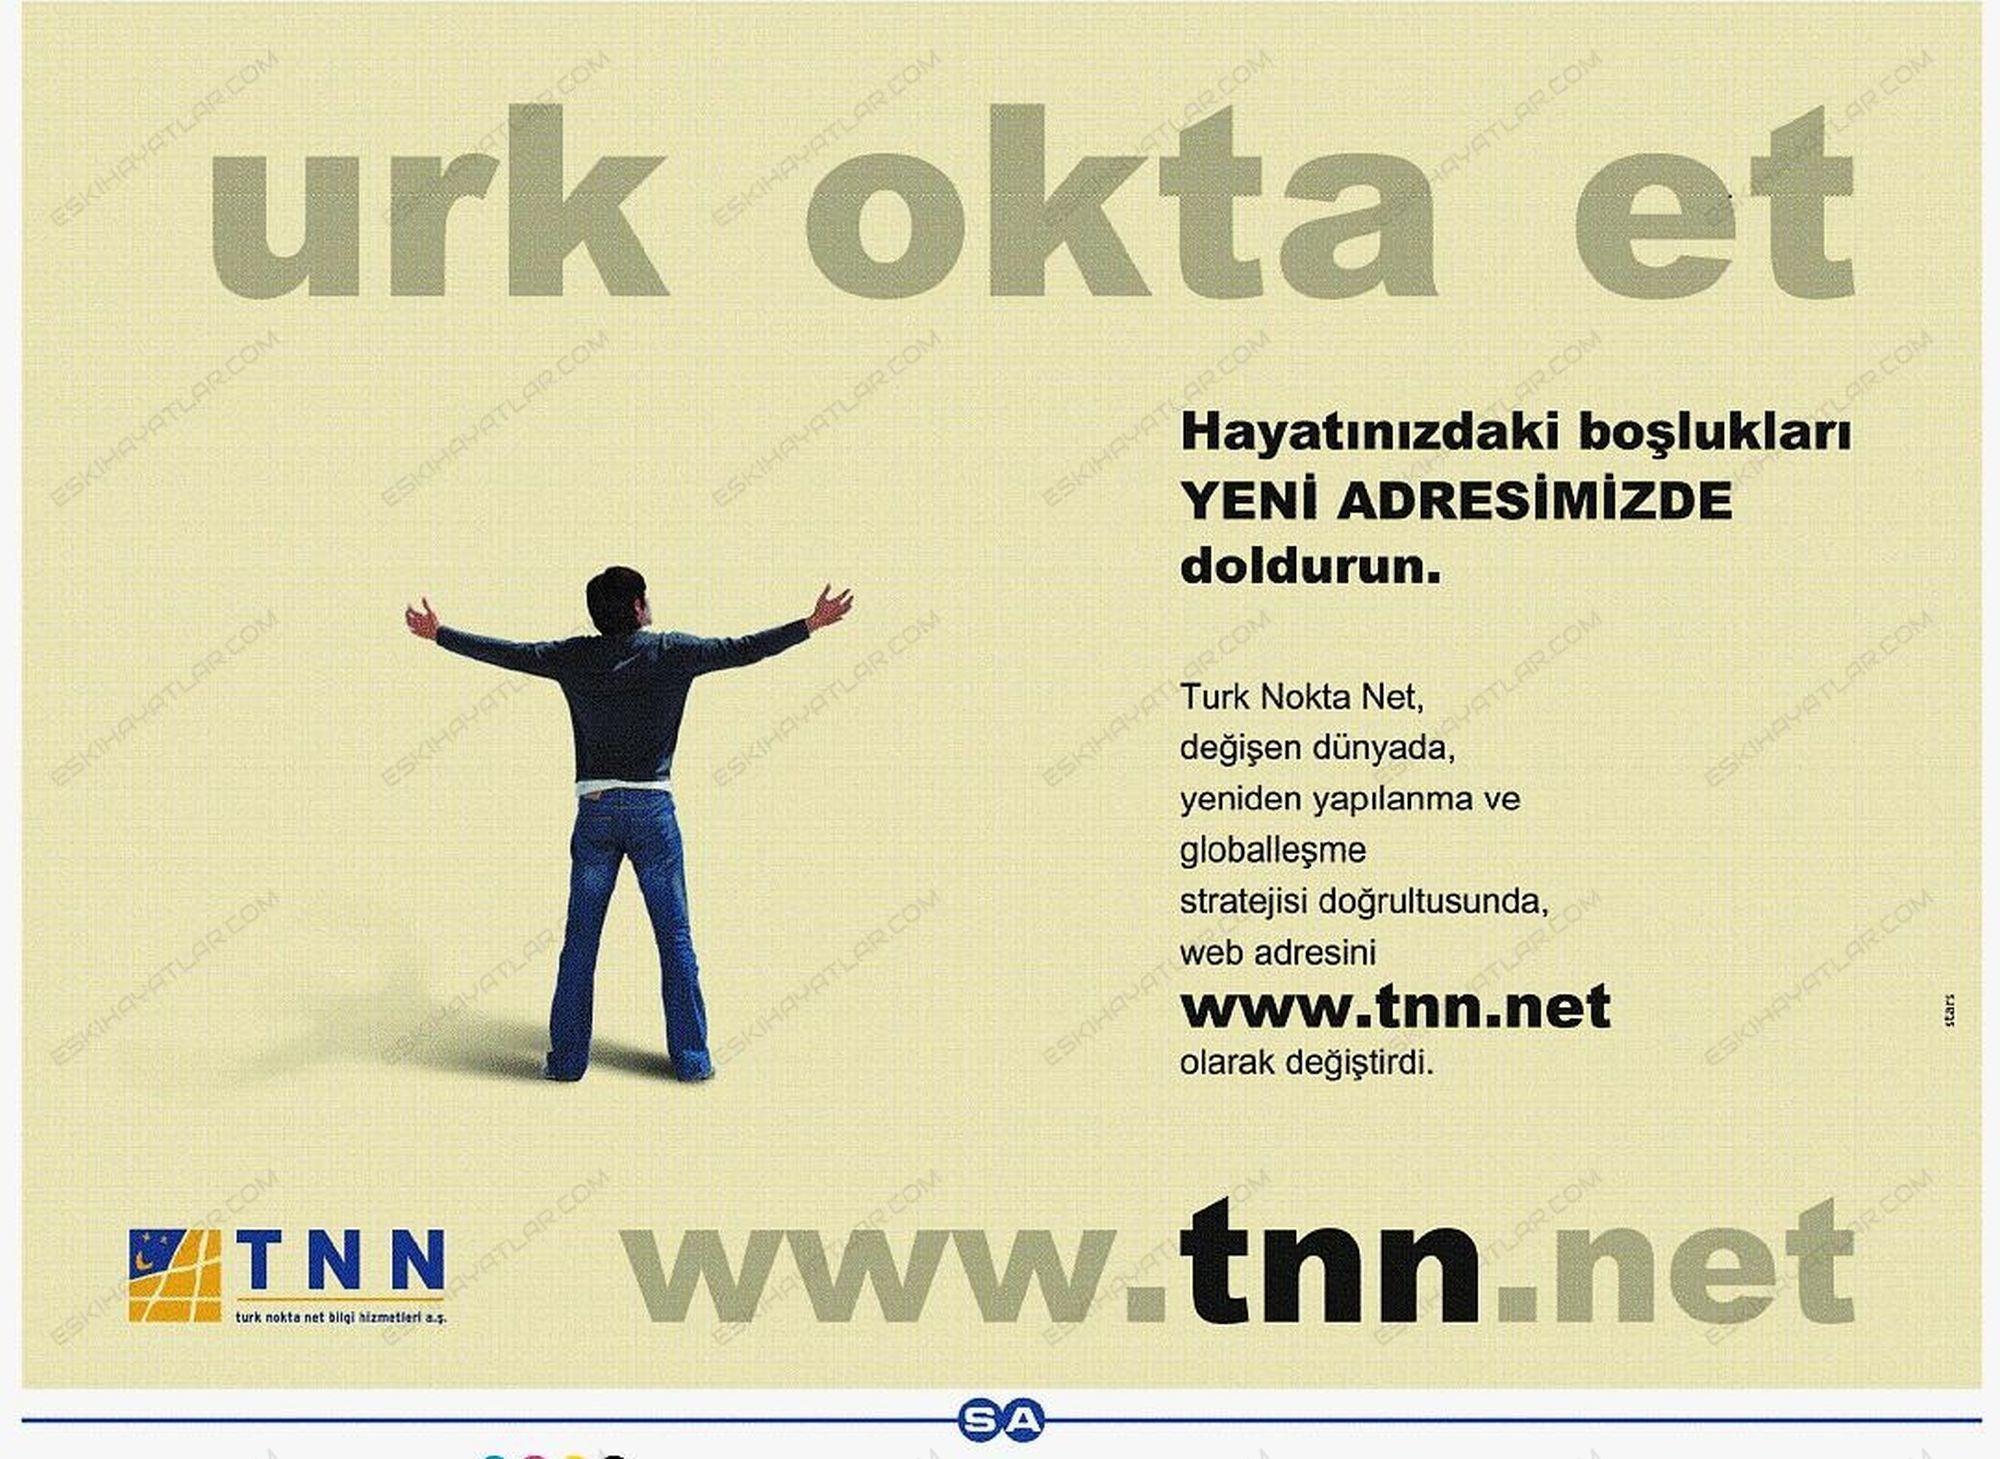 internet-ulkemize-ne-zaman-geldi-turkiyede-internet-25-yasinda (45)